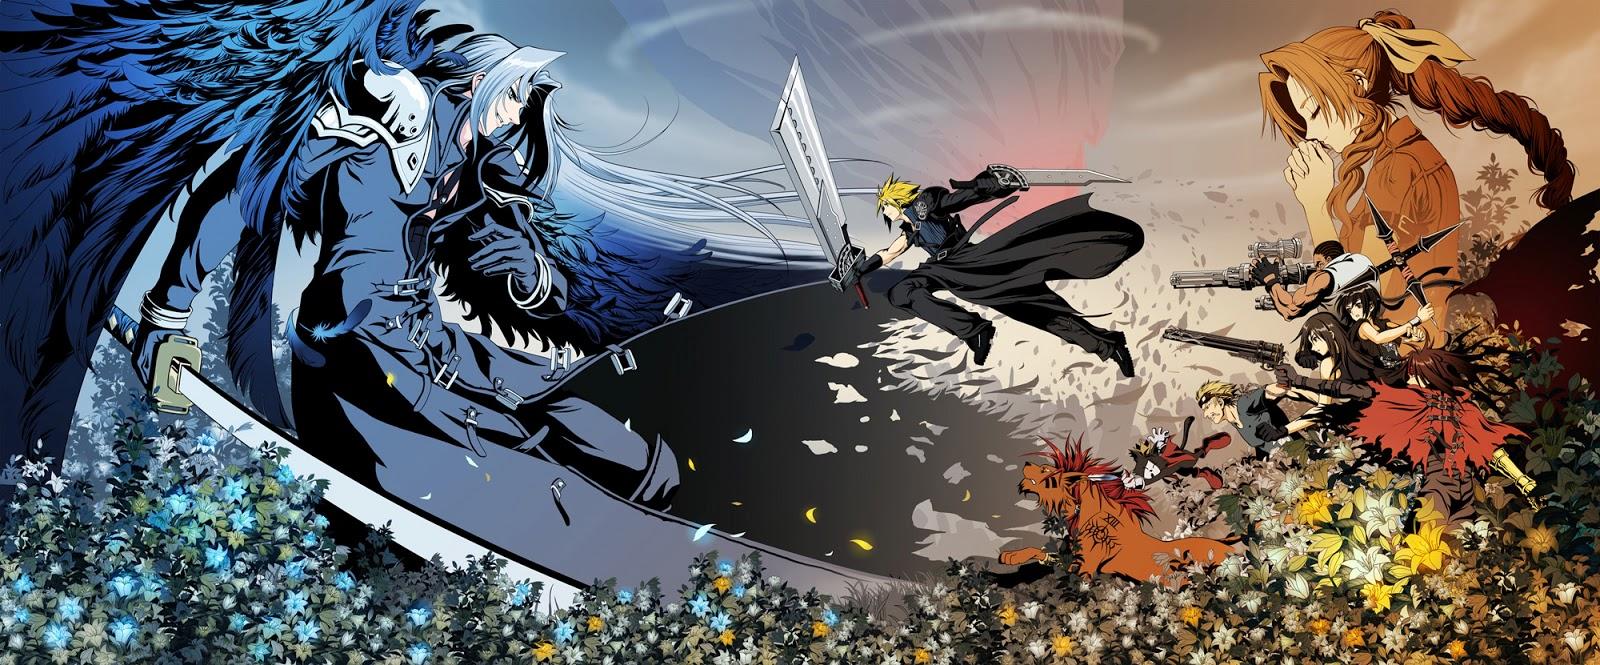 Final fantasy wallpaper diposting oleh afif habibi di 08 22